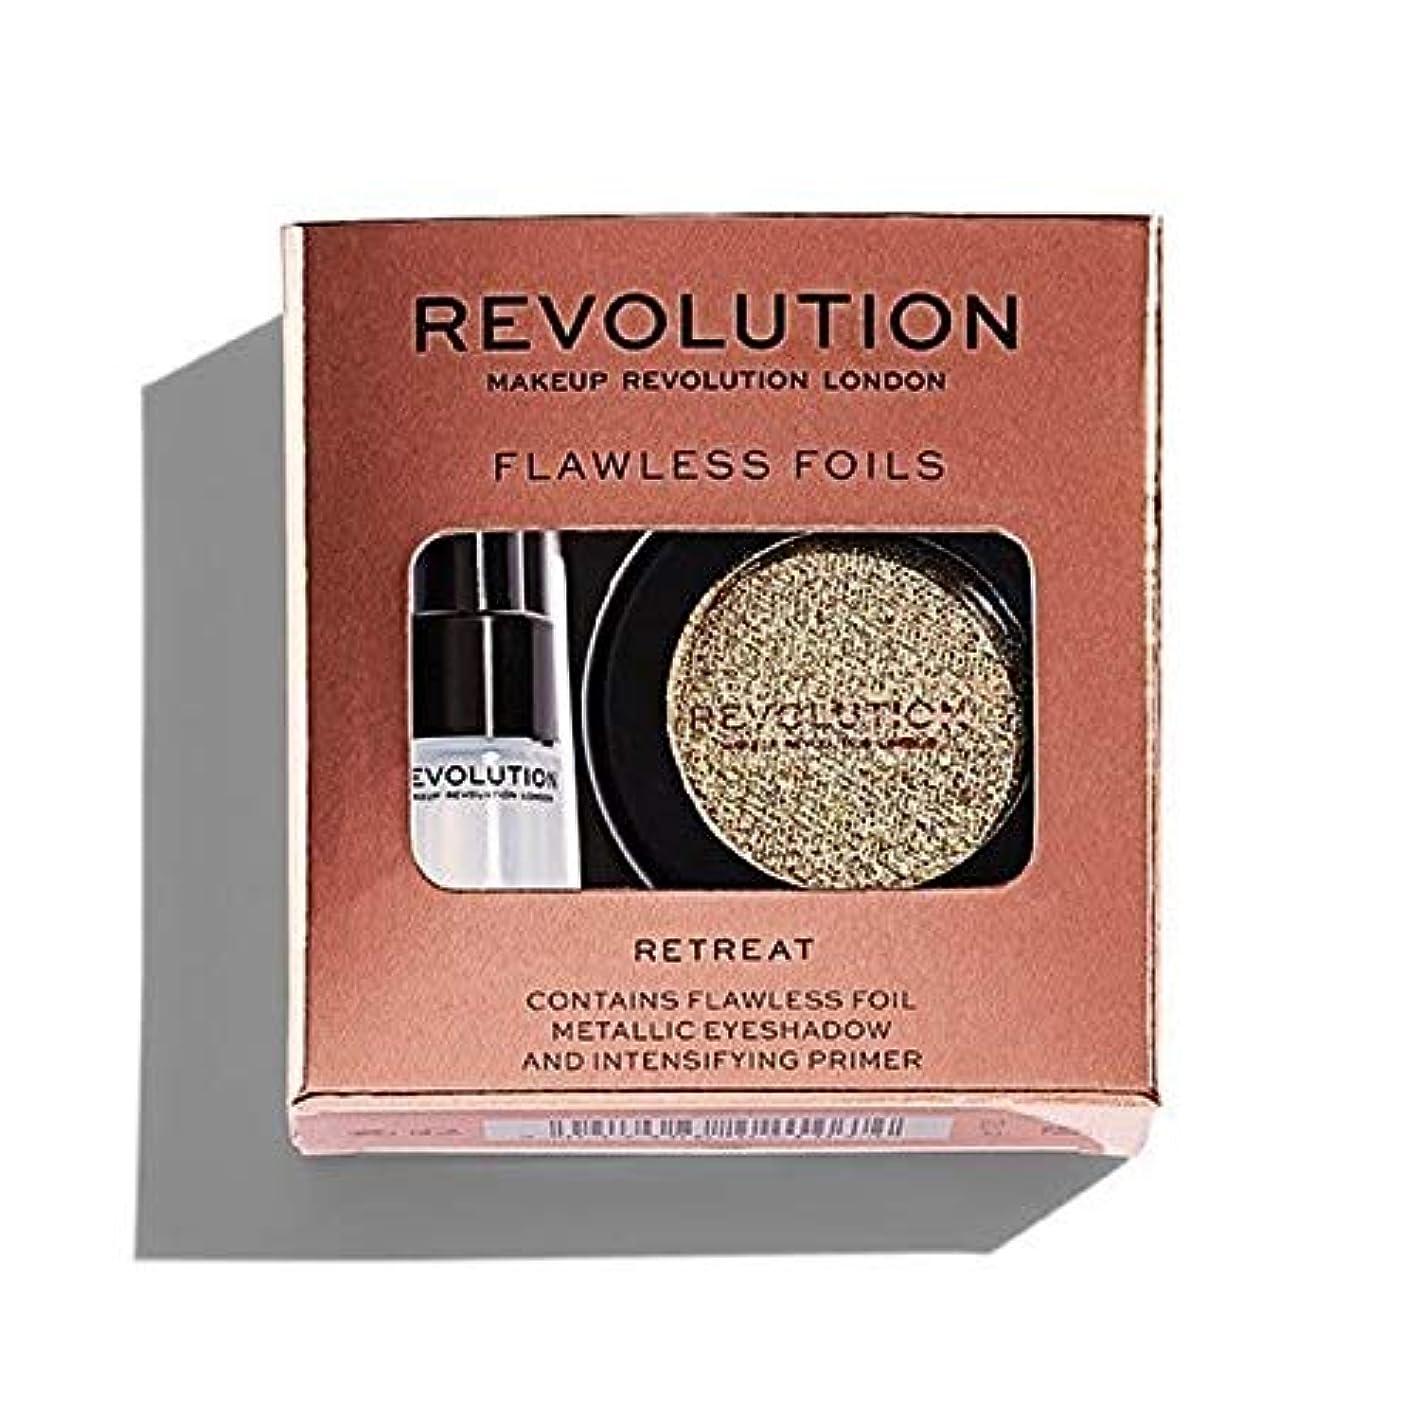 配列次へオーガニック[Revolution ] 革命完璧な箔の隠れ家 - Revolution Flawless Foils Retreat [並行輸入品]